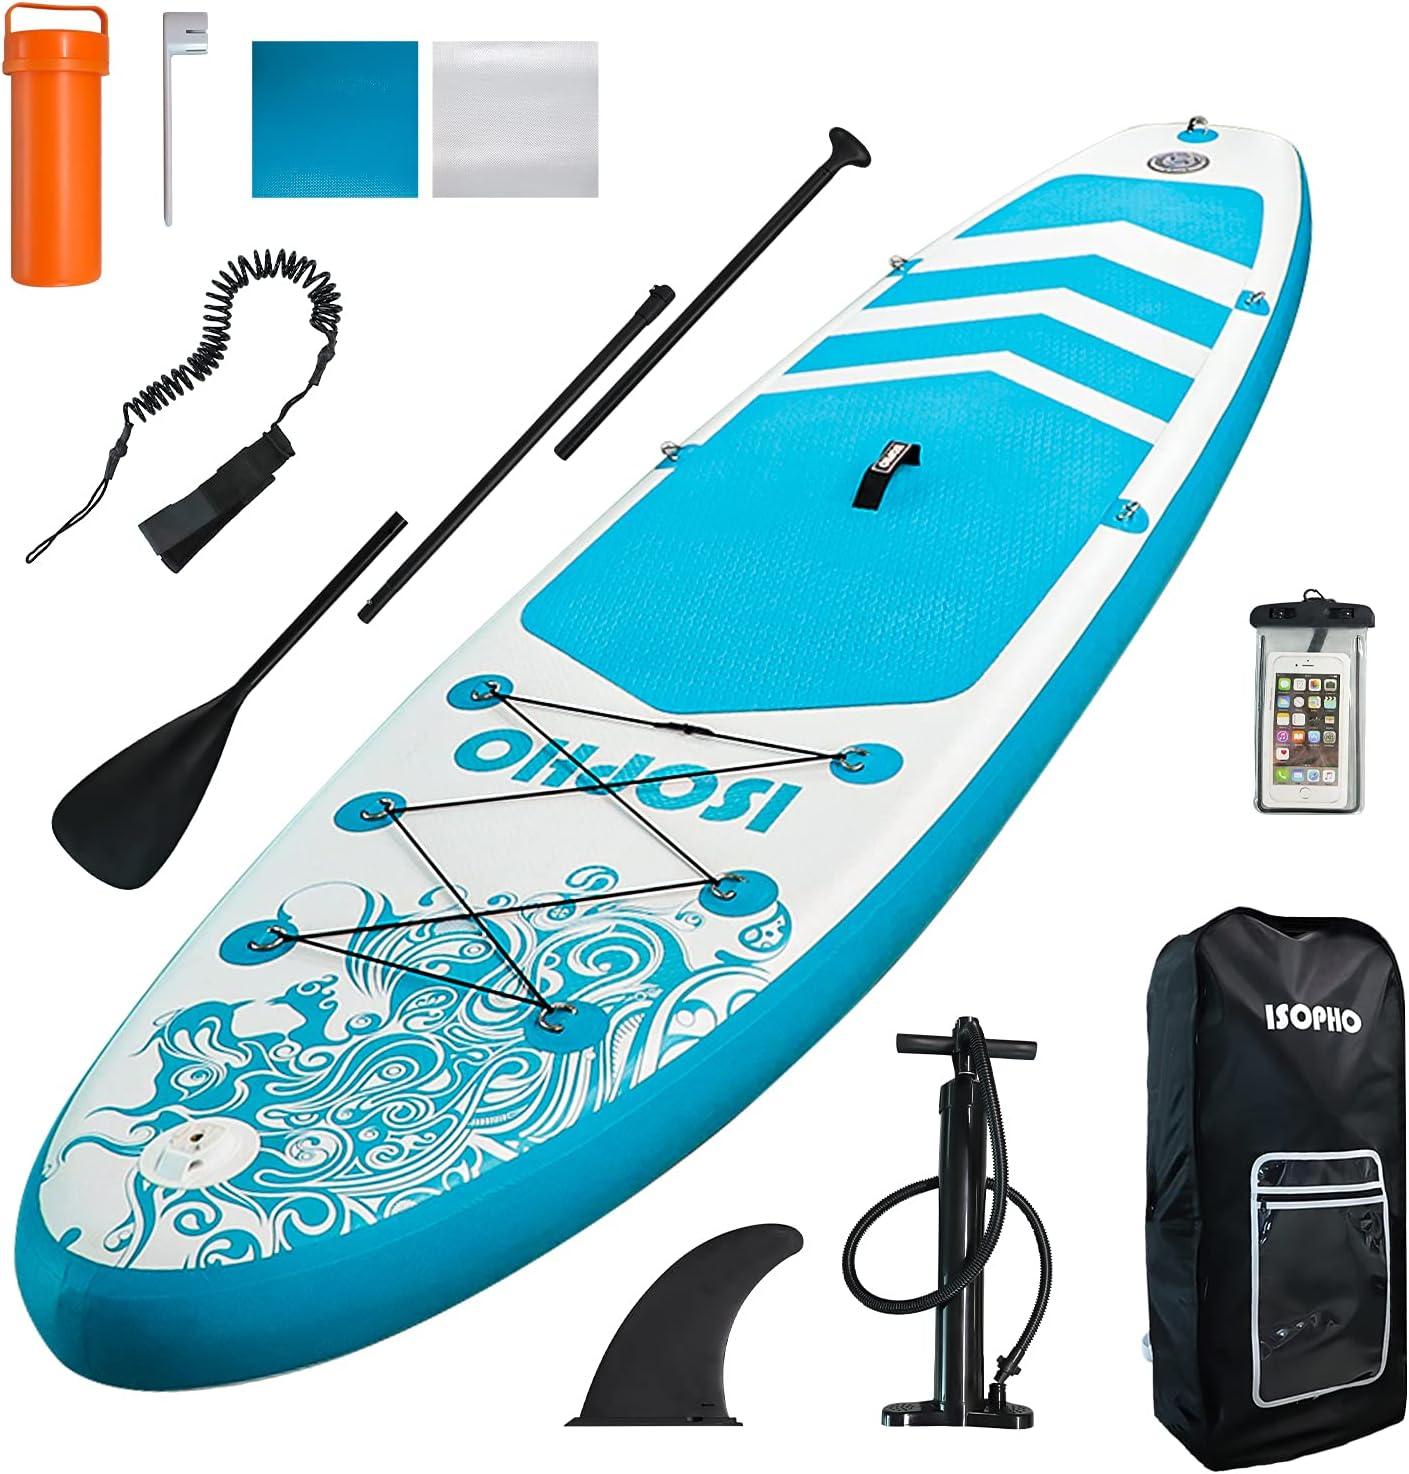 定番から日本未入荷 ISOPHO Inflatable Stand up Paddle Camera Board 国内送料無料 10'6''x31' Seat